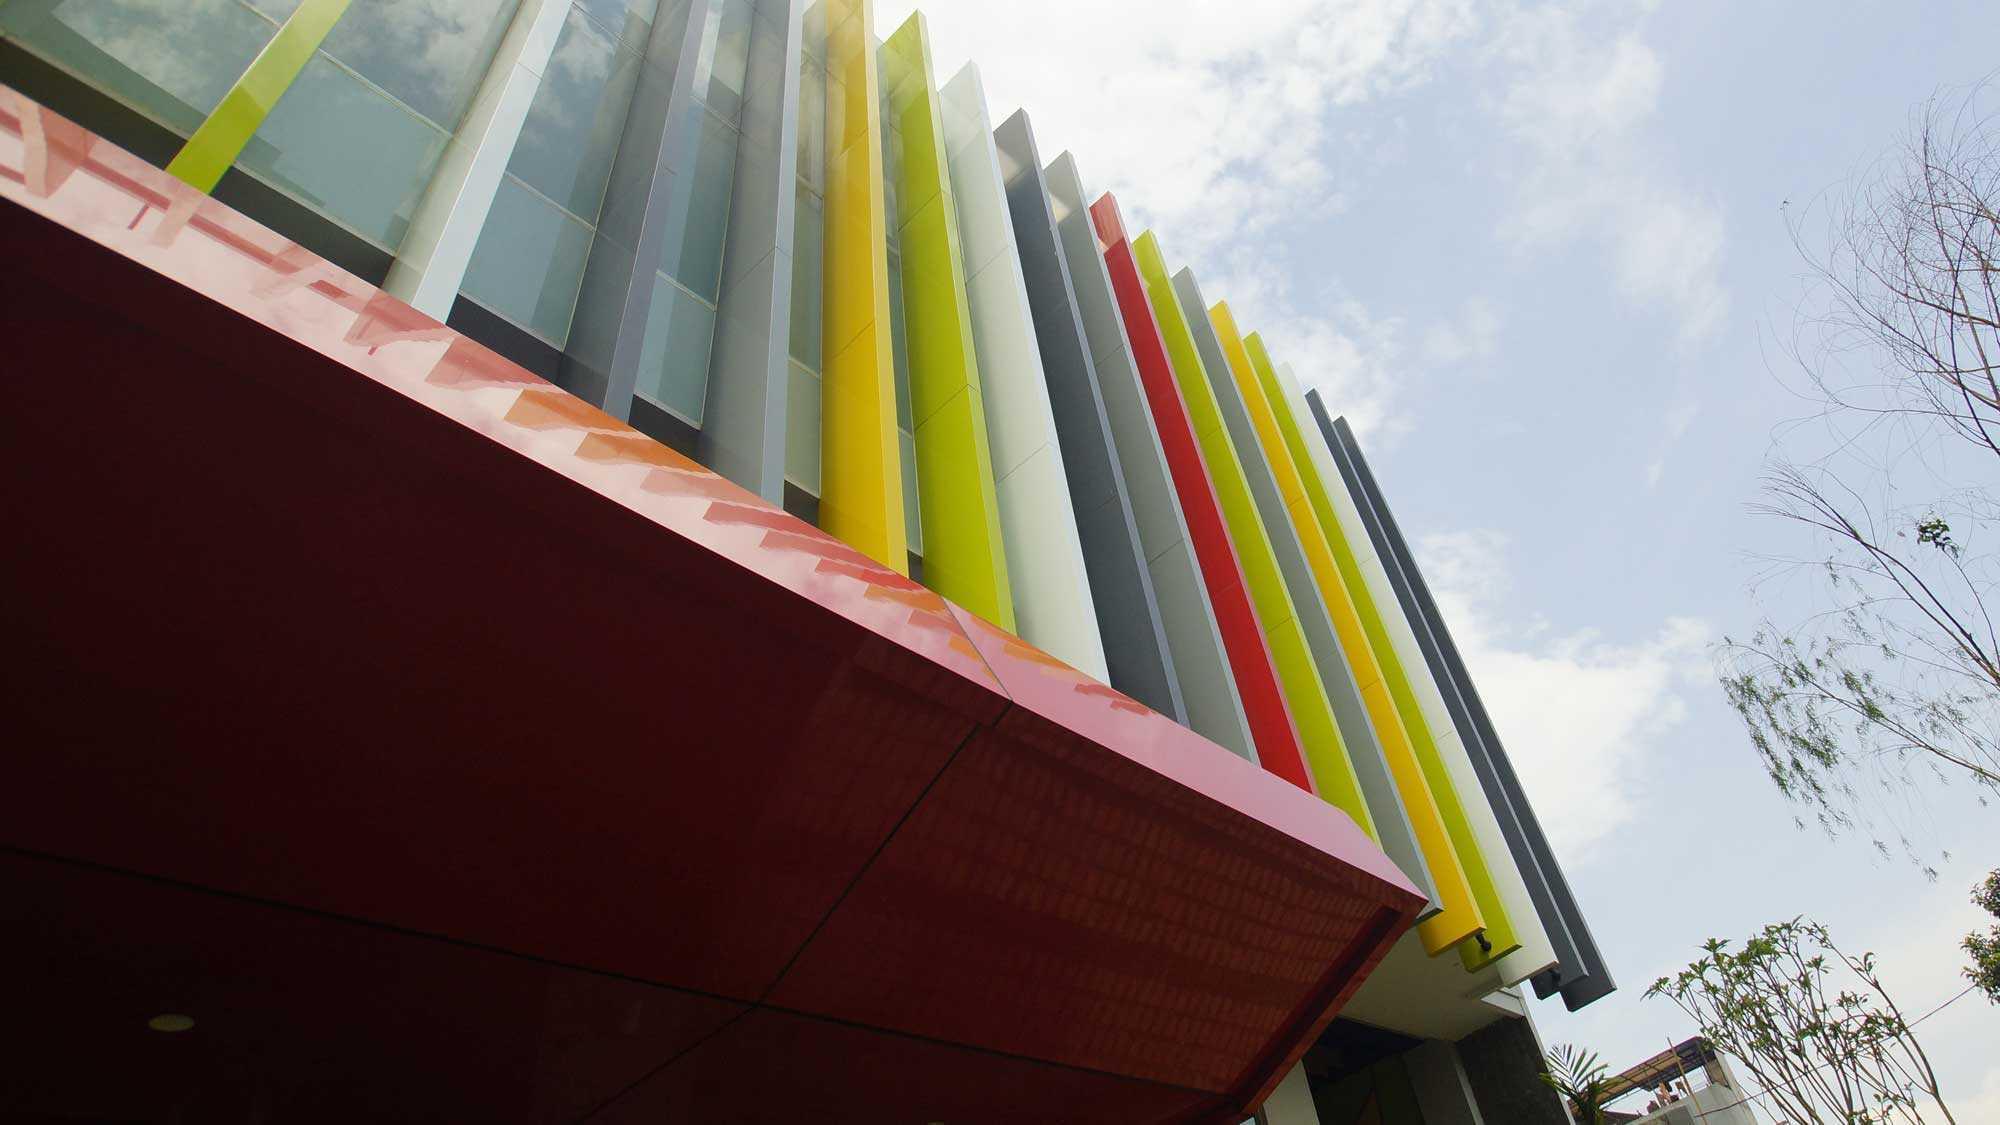 Pt.  Atelier Una Indonesia Maxone Hotel Pemuda Jakarta, Indonesia Jakarta, Indonesia Facade-Facelift   9491